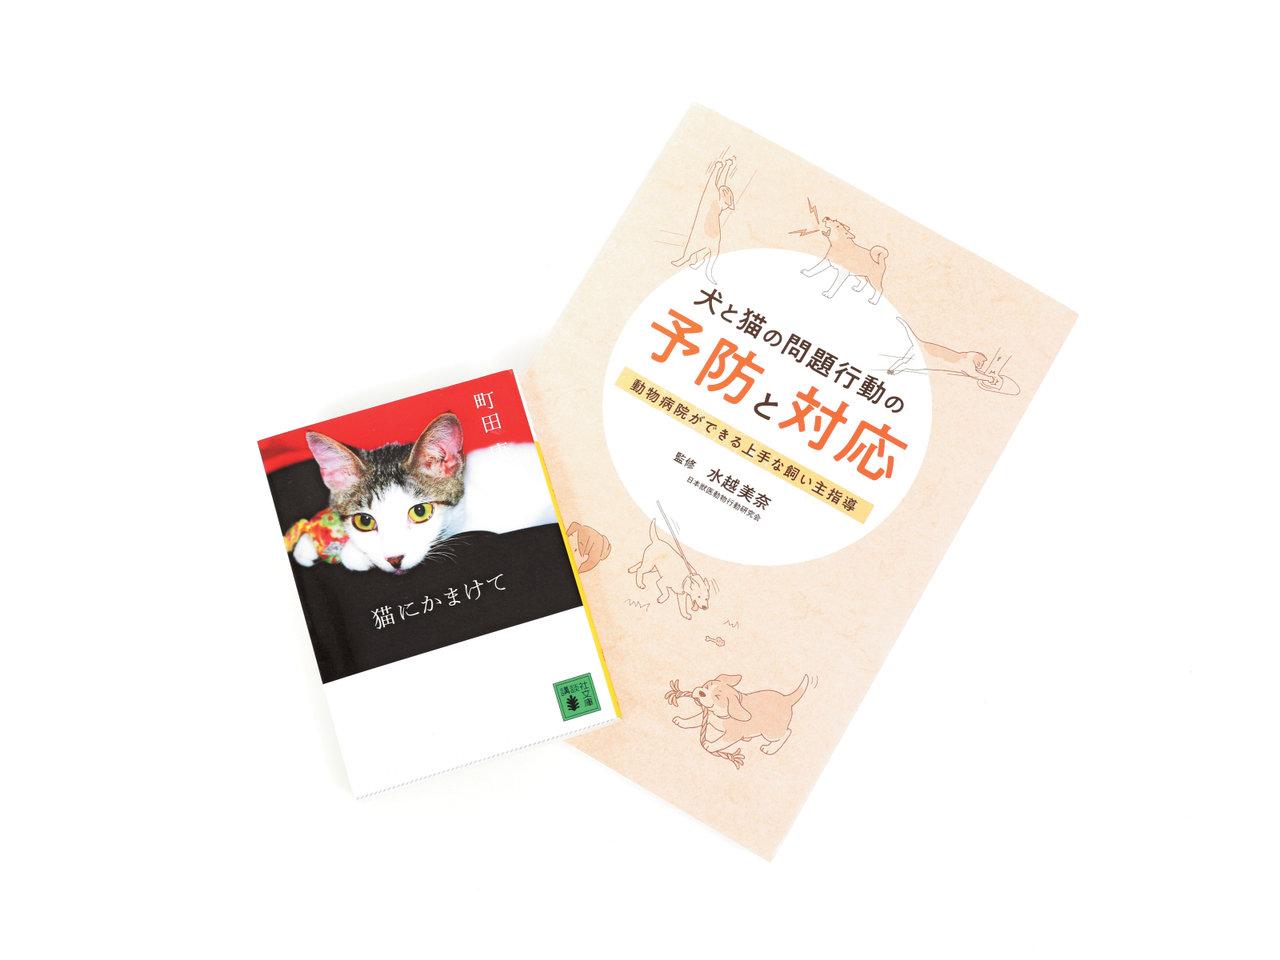 『ランコントレ・ミグノン』代表理事 友森玲子さんの選書